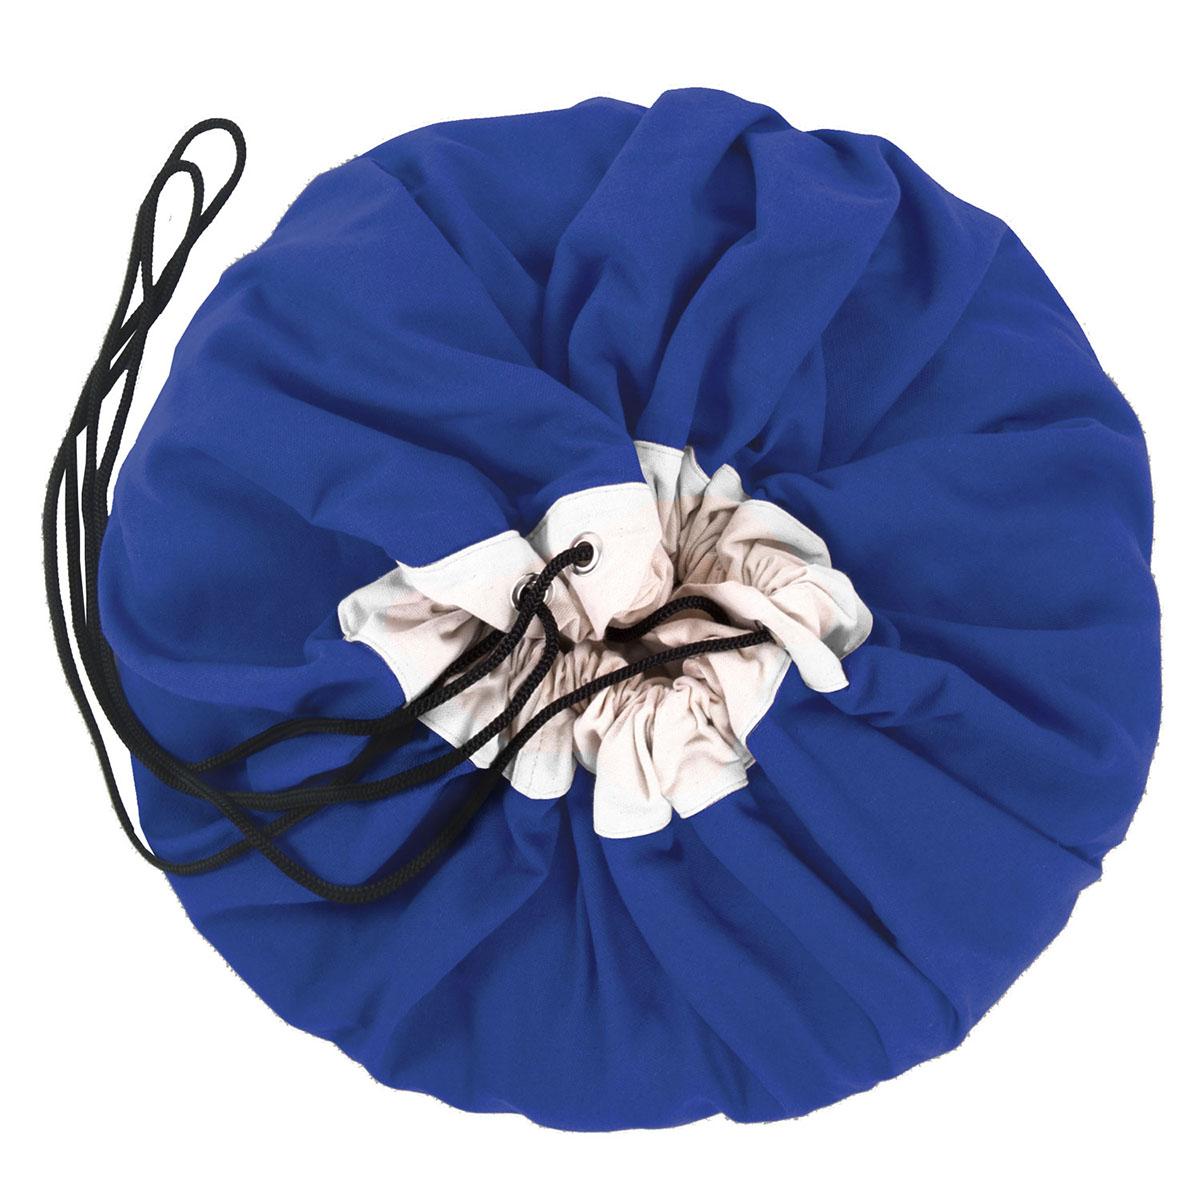 play go spielzeug sack und spiel decke classic blue blau. Black Bedroom Furniture Sets. Home Design Ideas